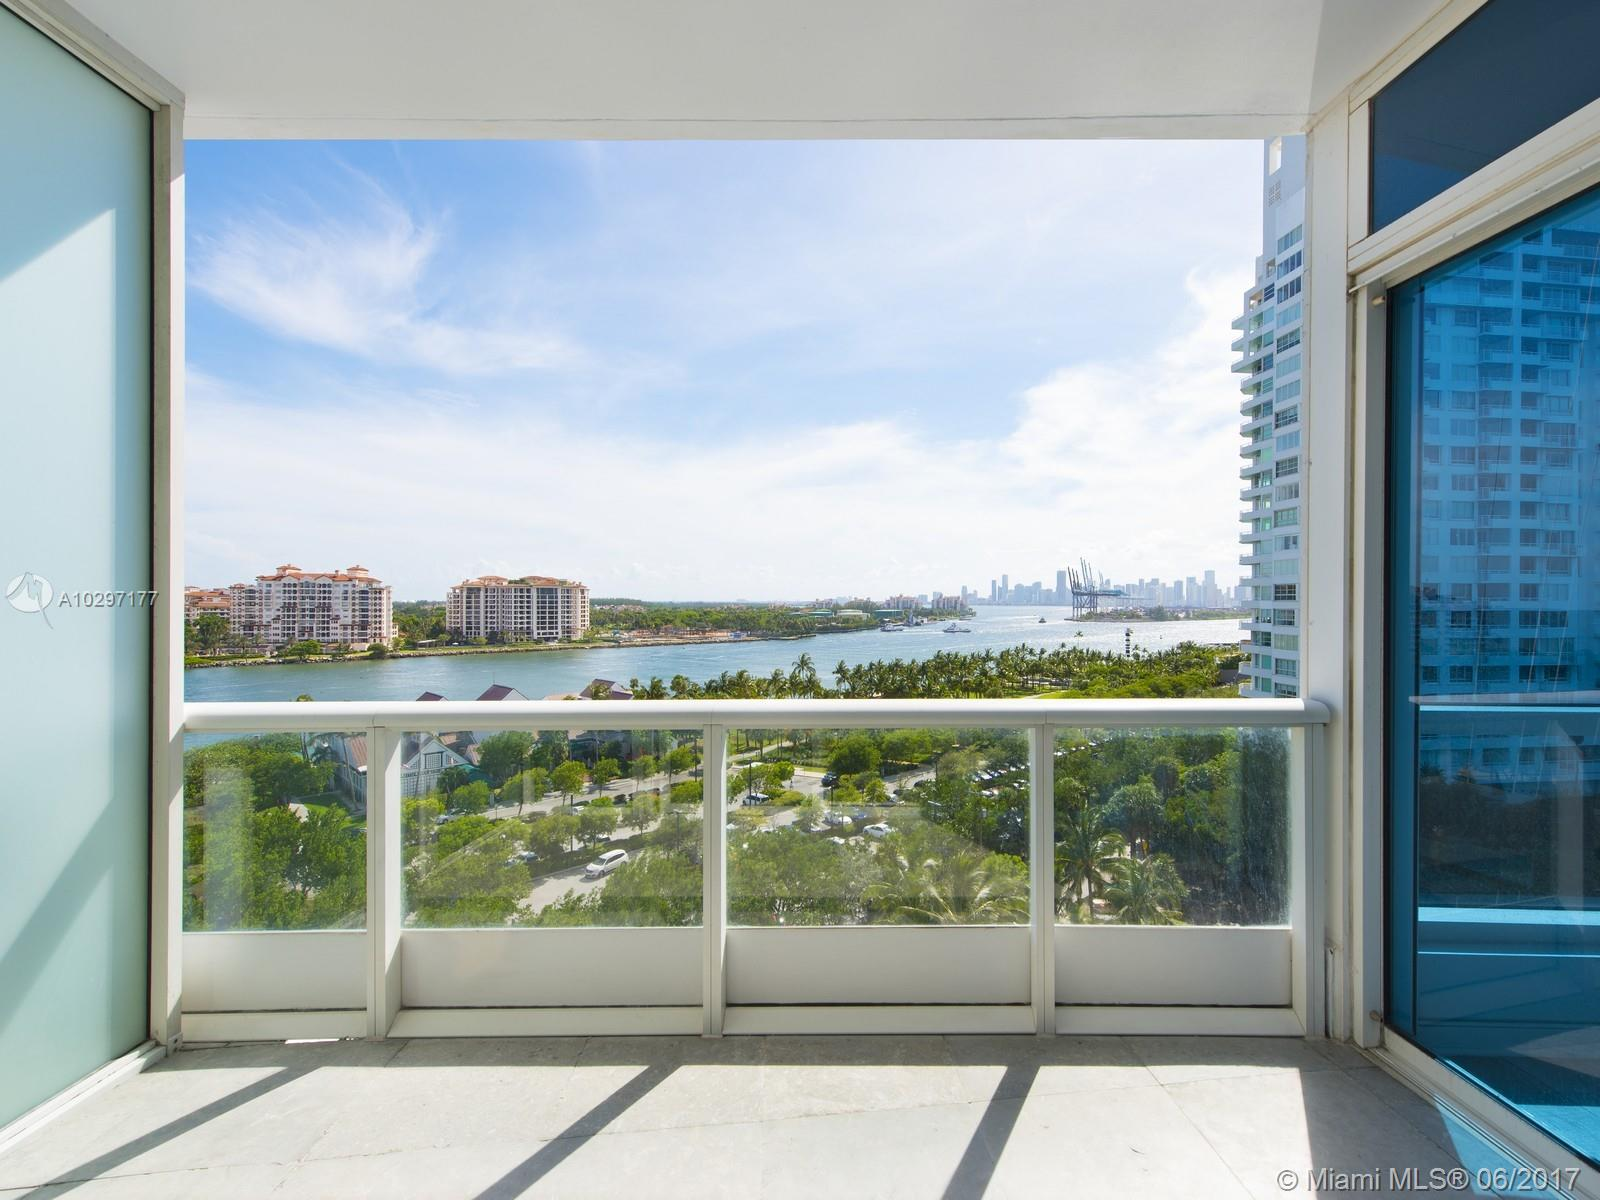 Continuum South #902 - 100 S POINTE DR #902, Miami Beach, FL 33139